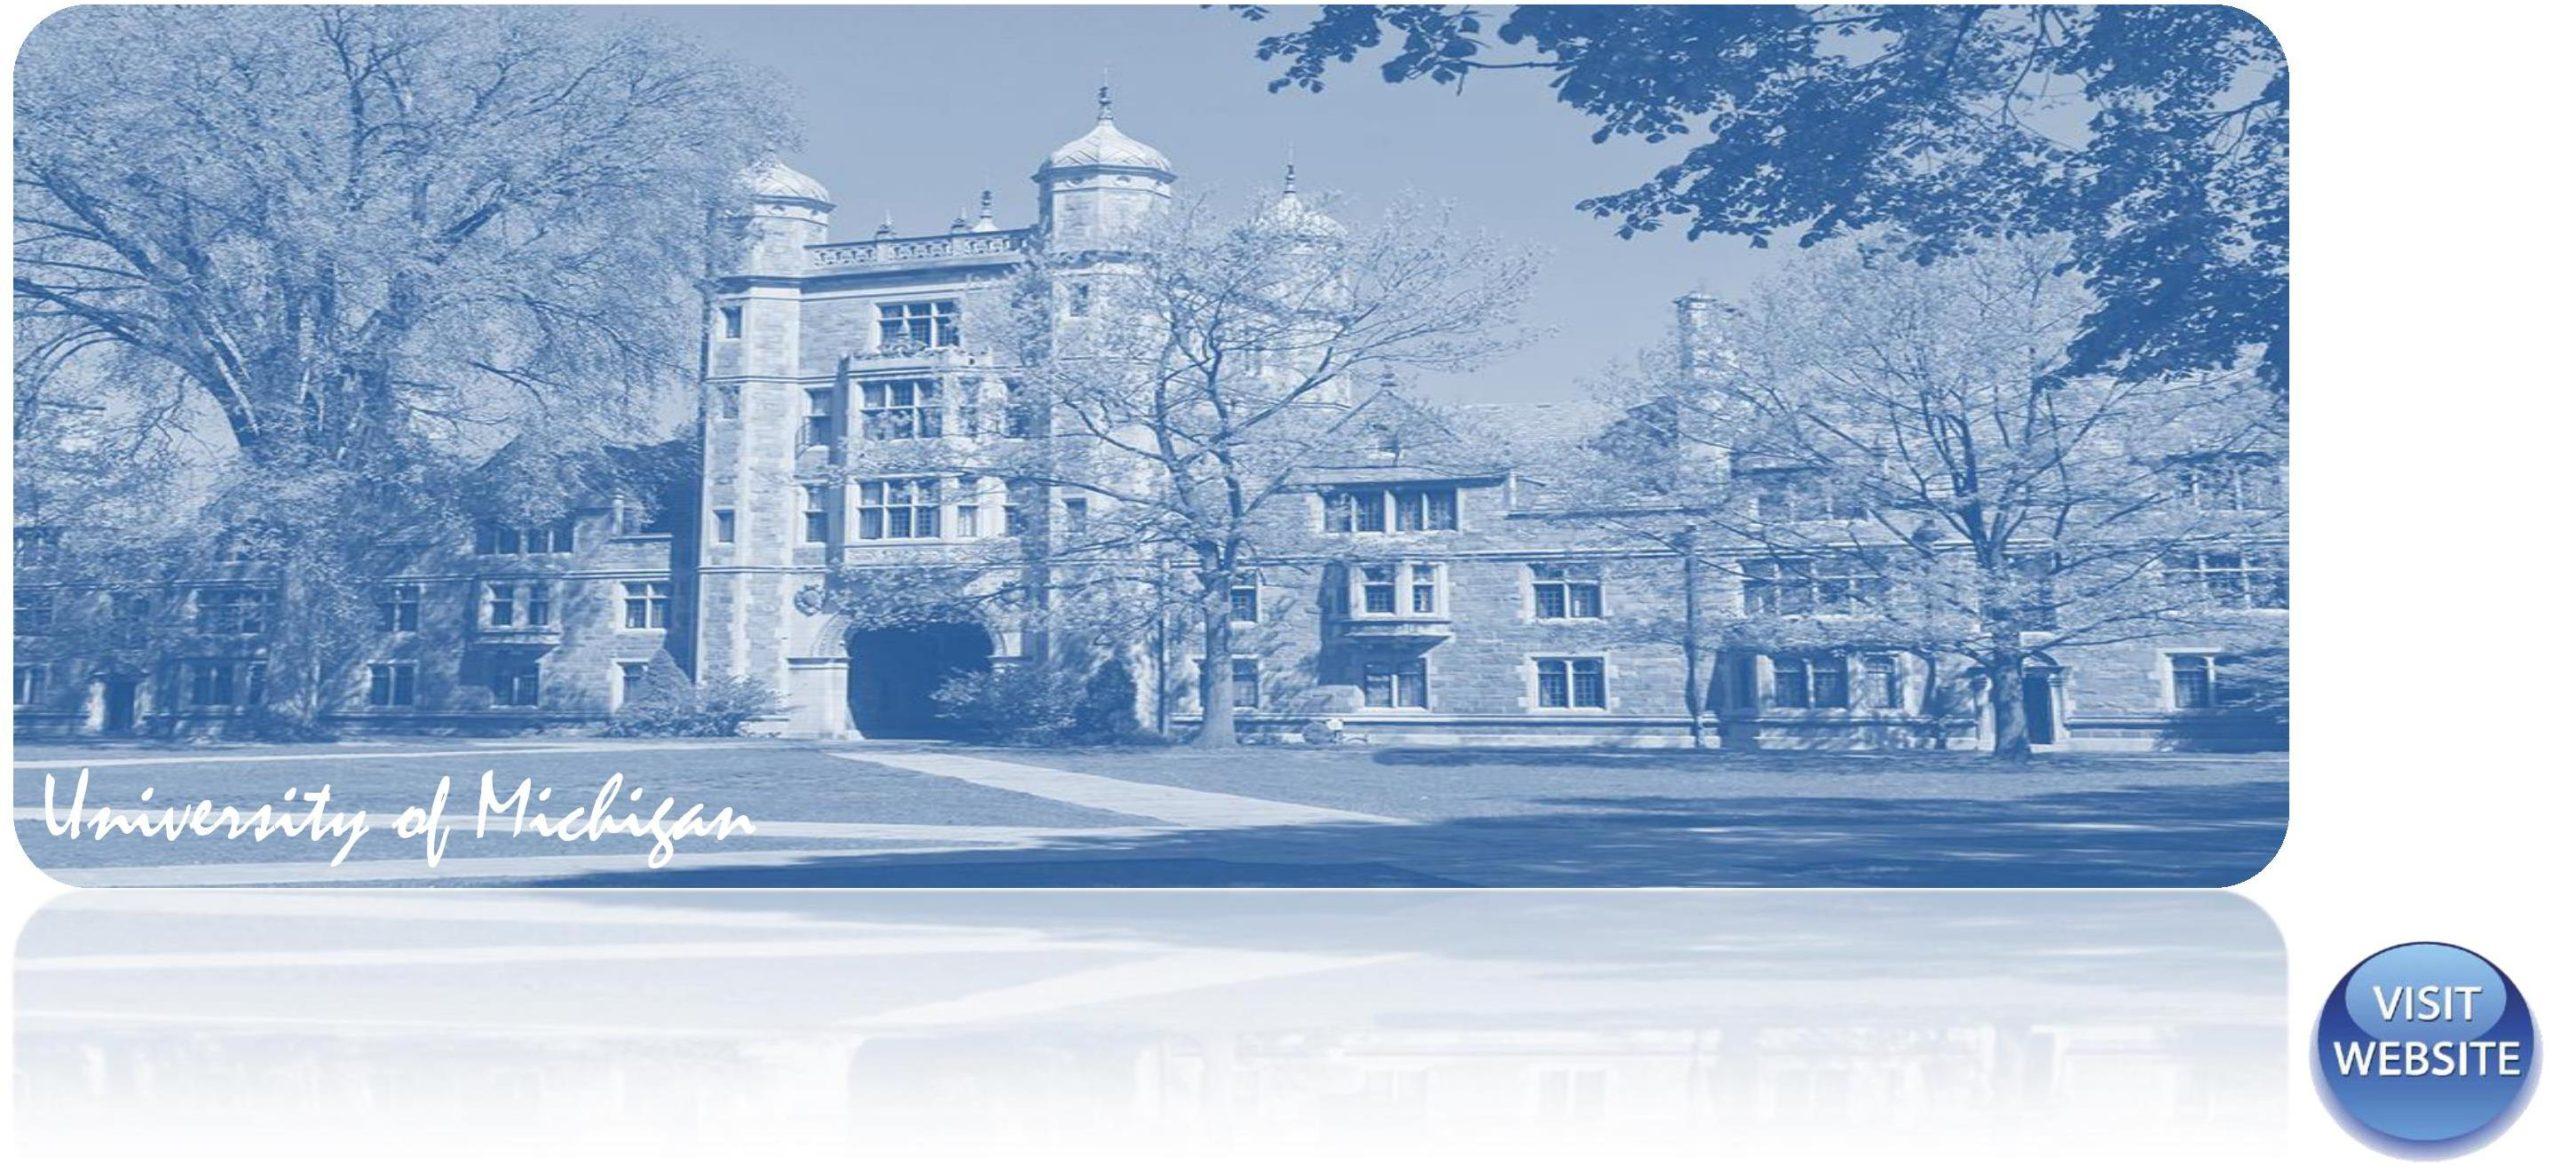 University of Michigan USA